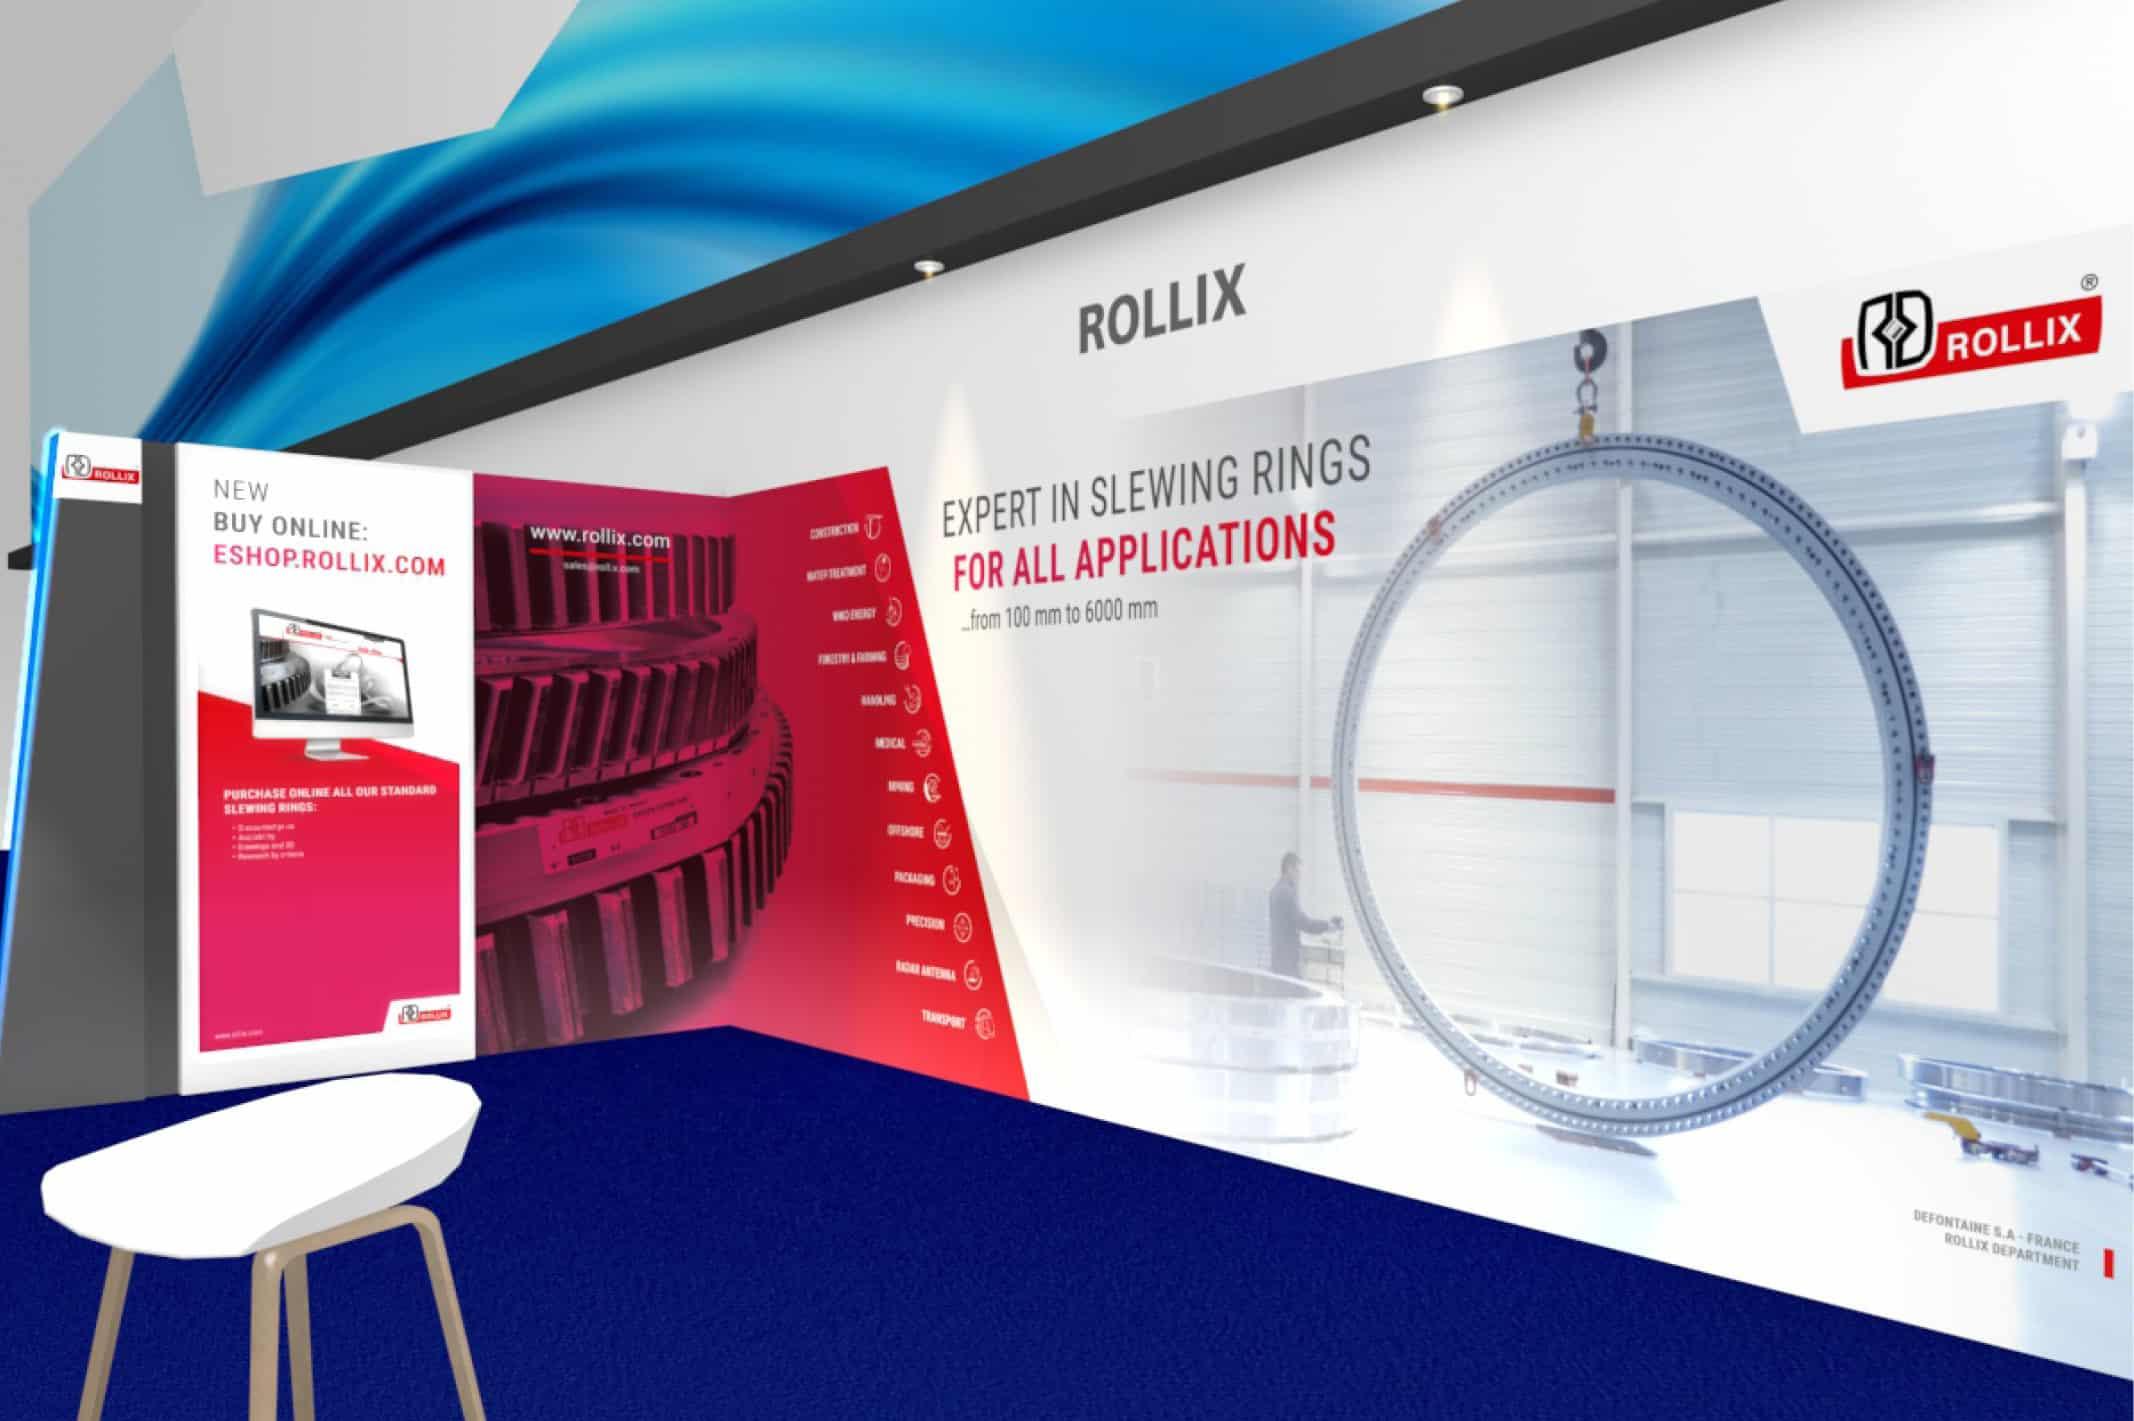 Bicub apporte une réponse adaptée à chaque salon auquel Rollix va participer en 2019.